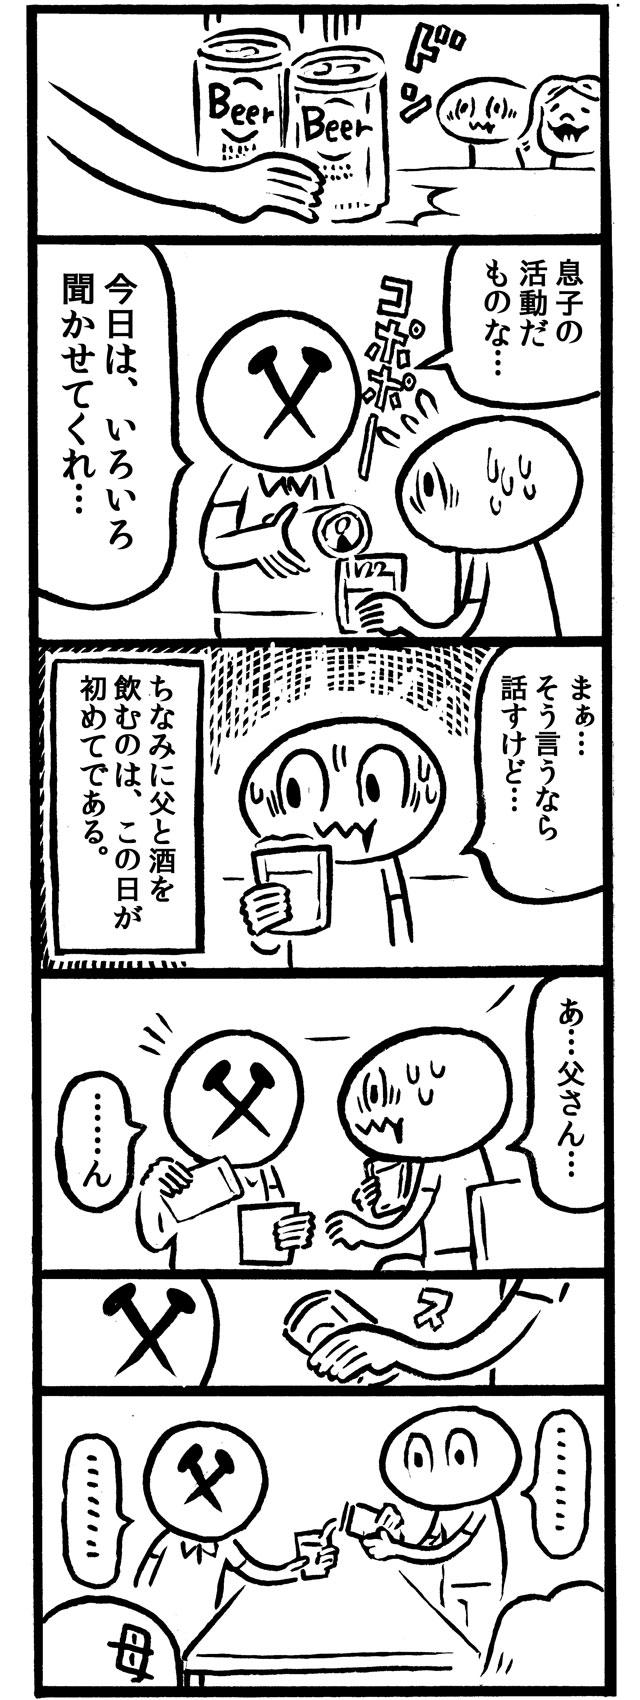 f:id:kakijiro:20151109160754j:plain